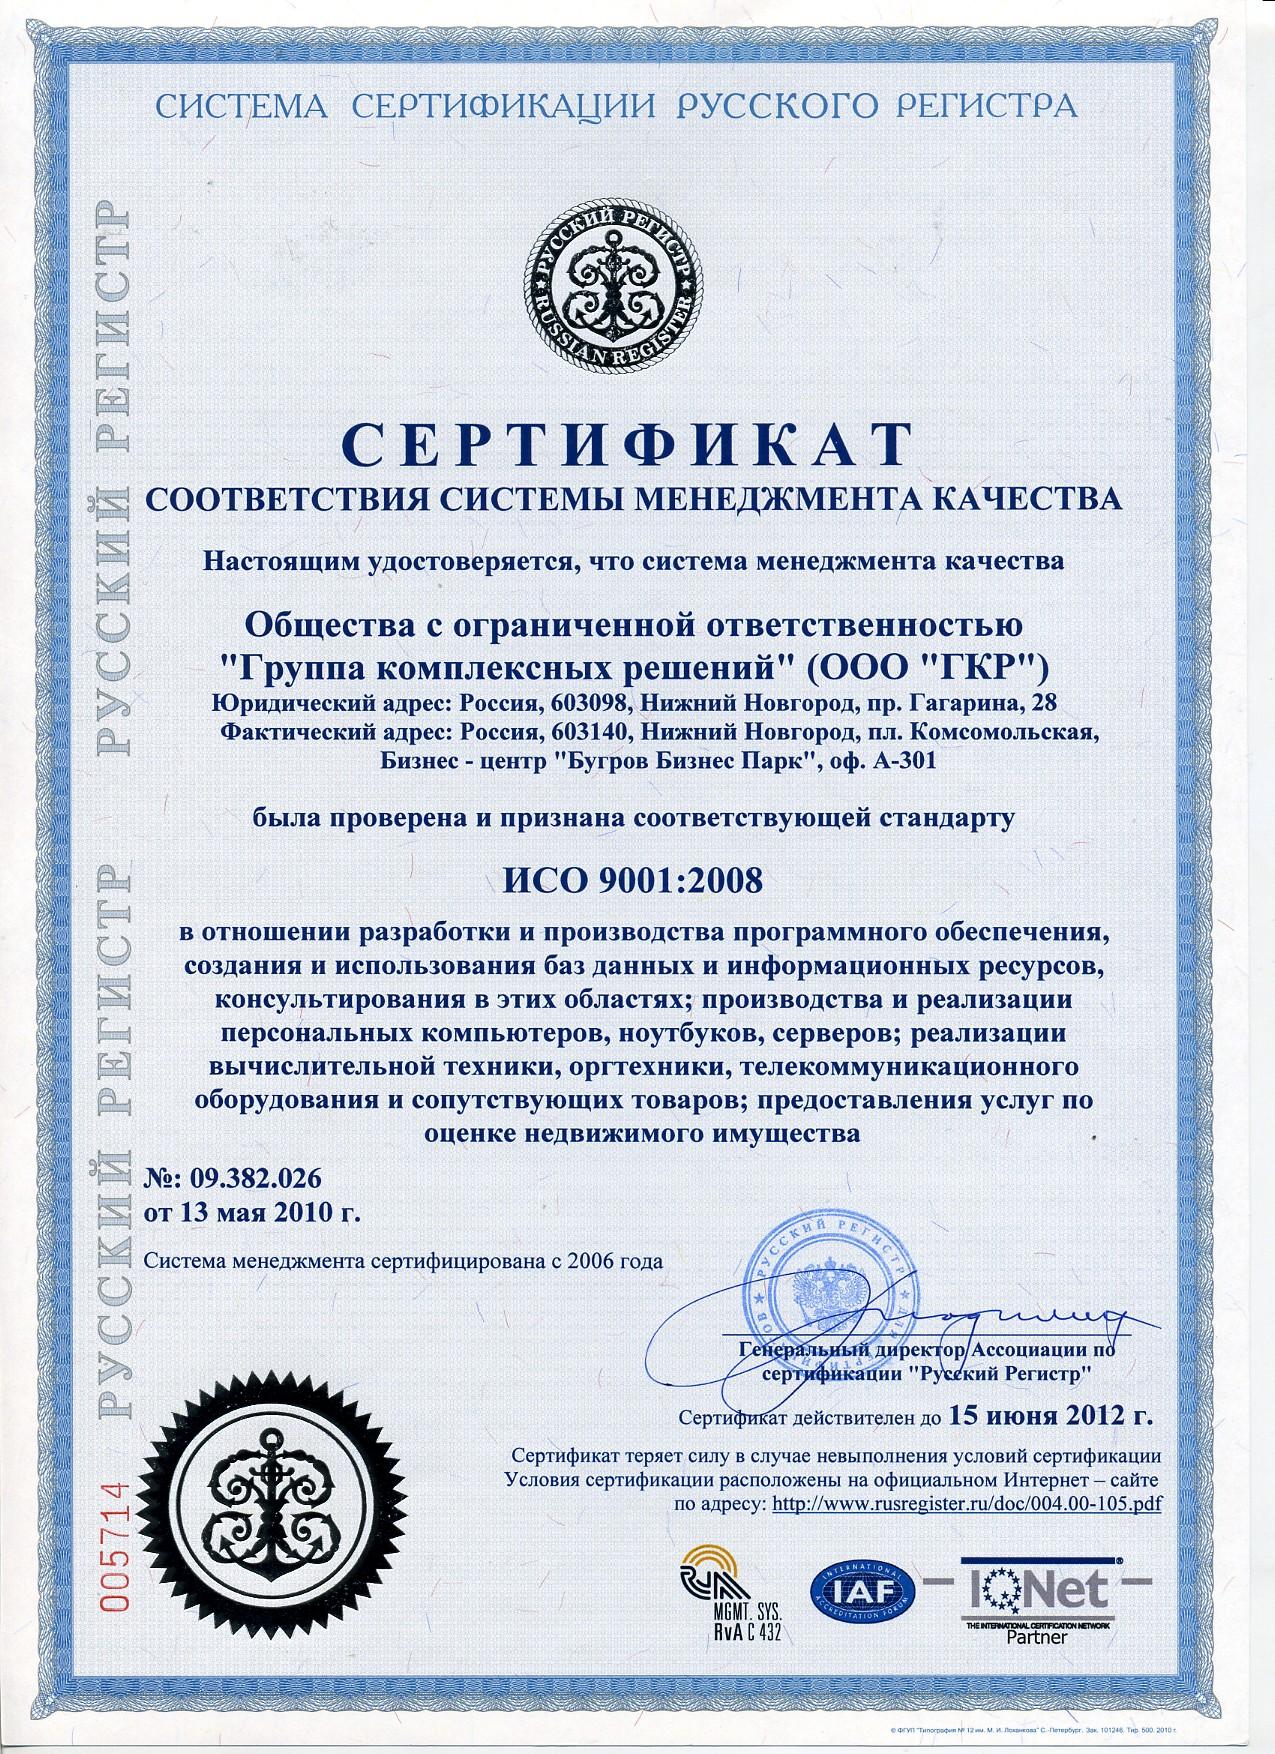 Сертификация системы качества исо 9000 сертификация скилов на грацие финал